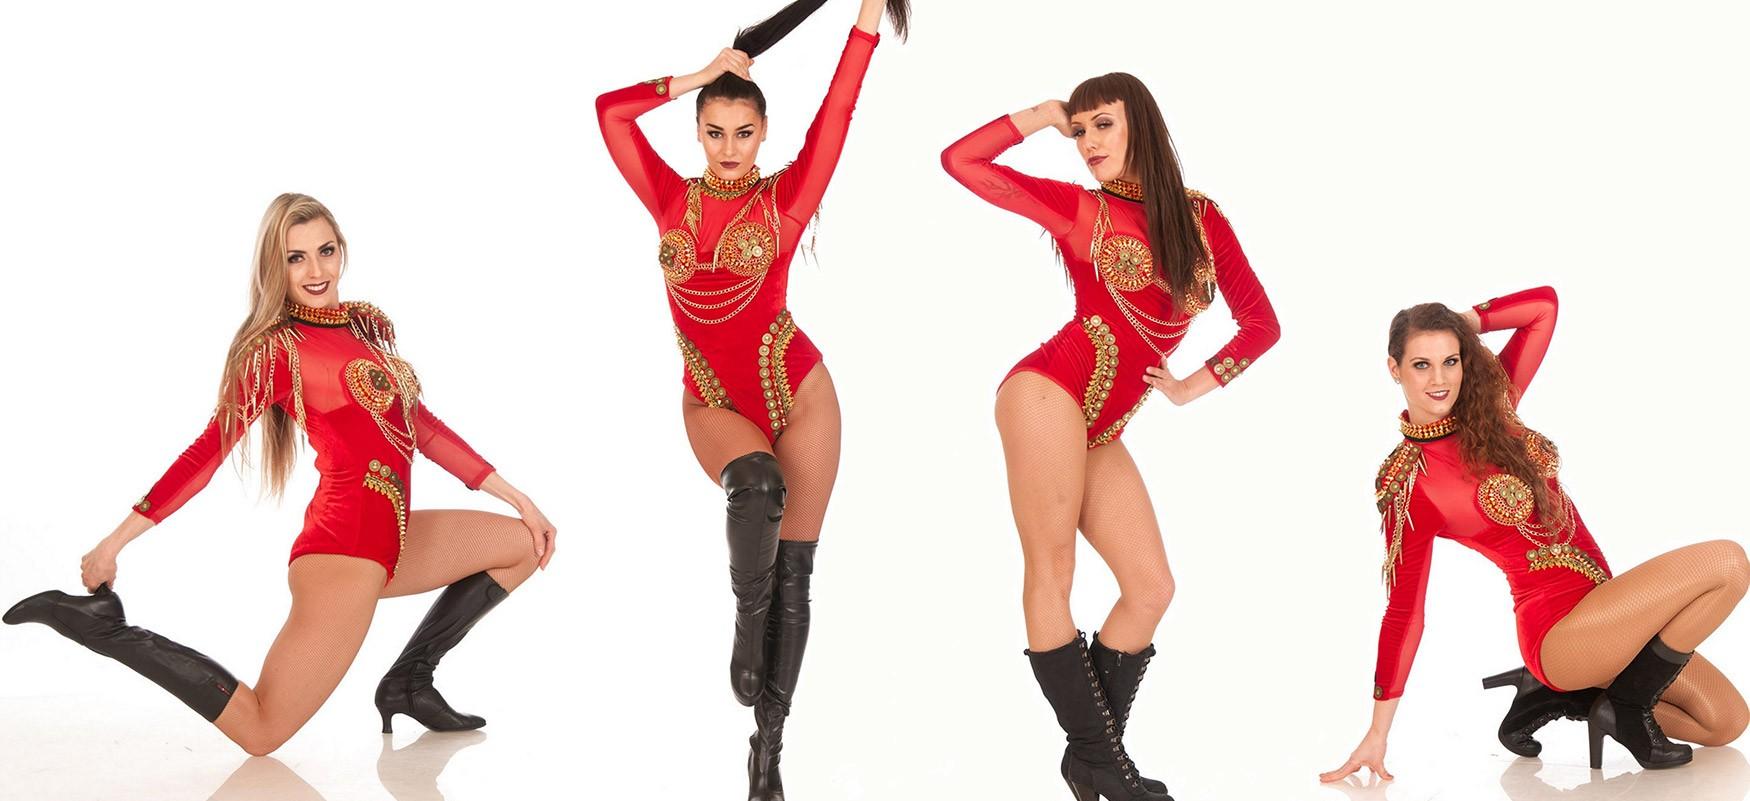 Tänzerinnen von Provocation